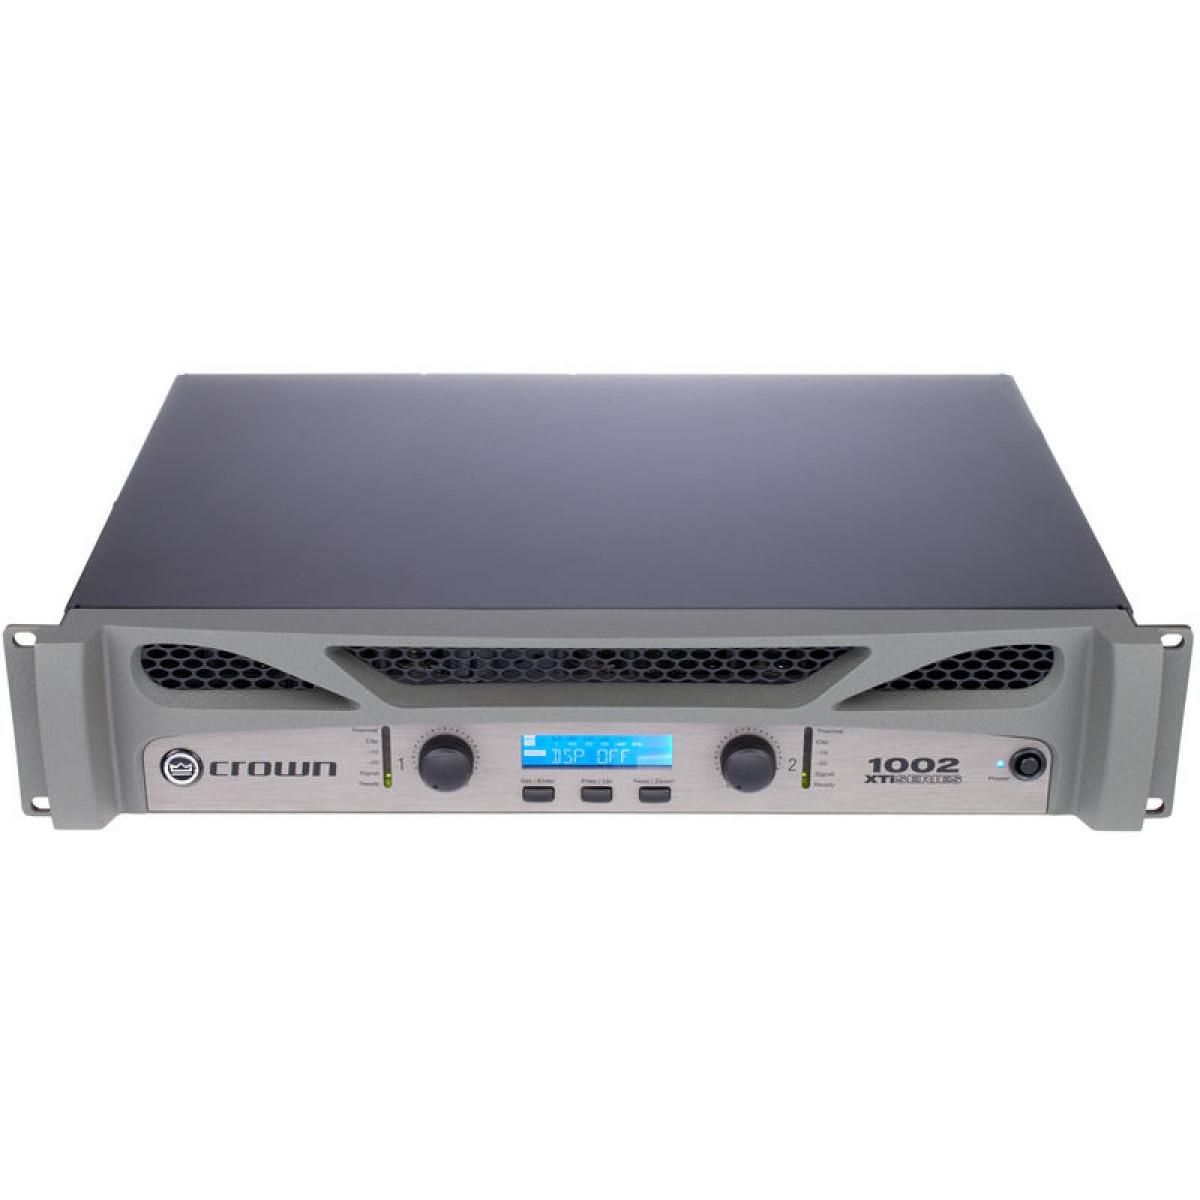 Amplificador de Potência Crown GXTi 1002 U-BR